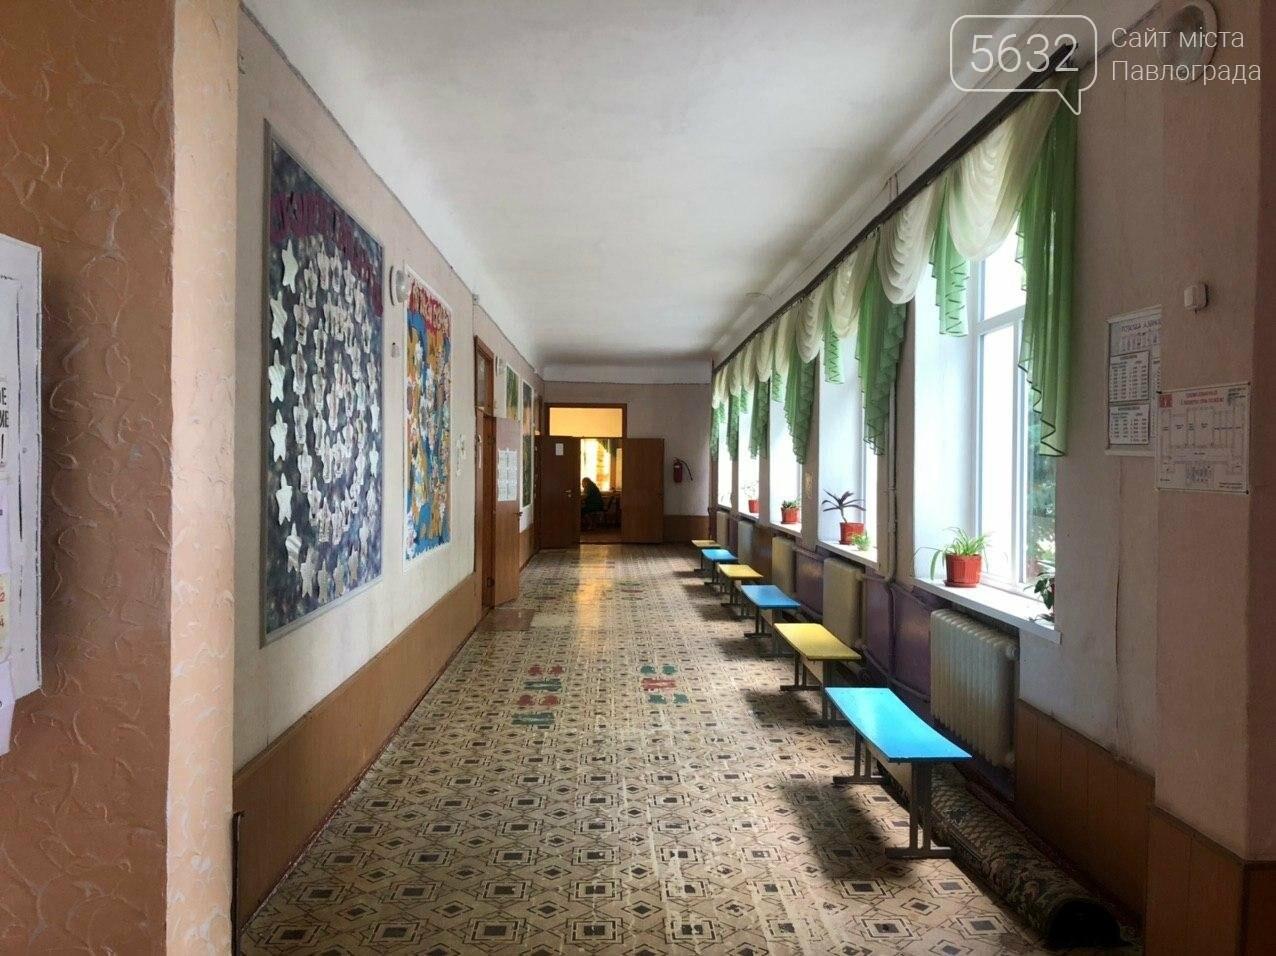 Санитайзеры и медицинские маски: как школы Павлограда готовятся к новому учебному году (ФОТО), фото-20